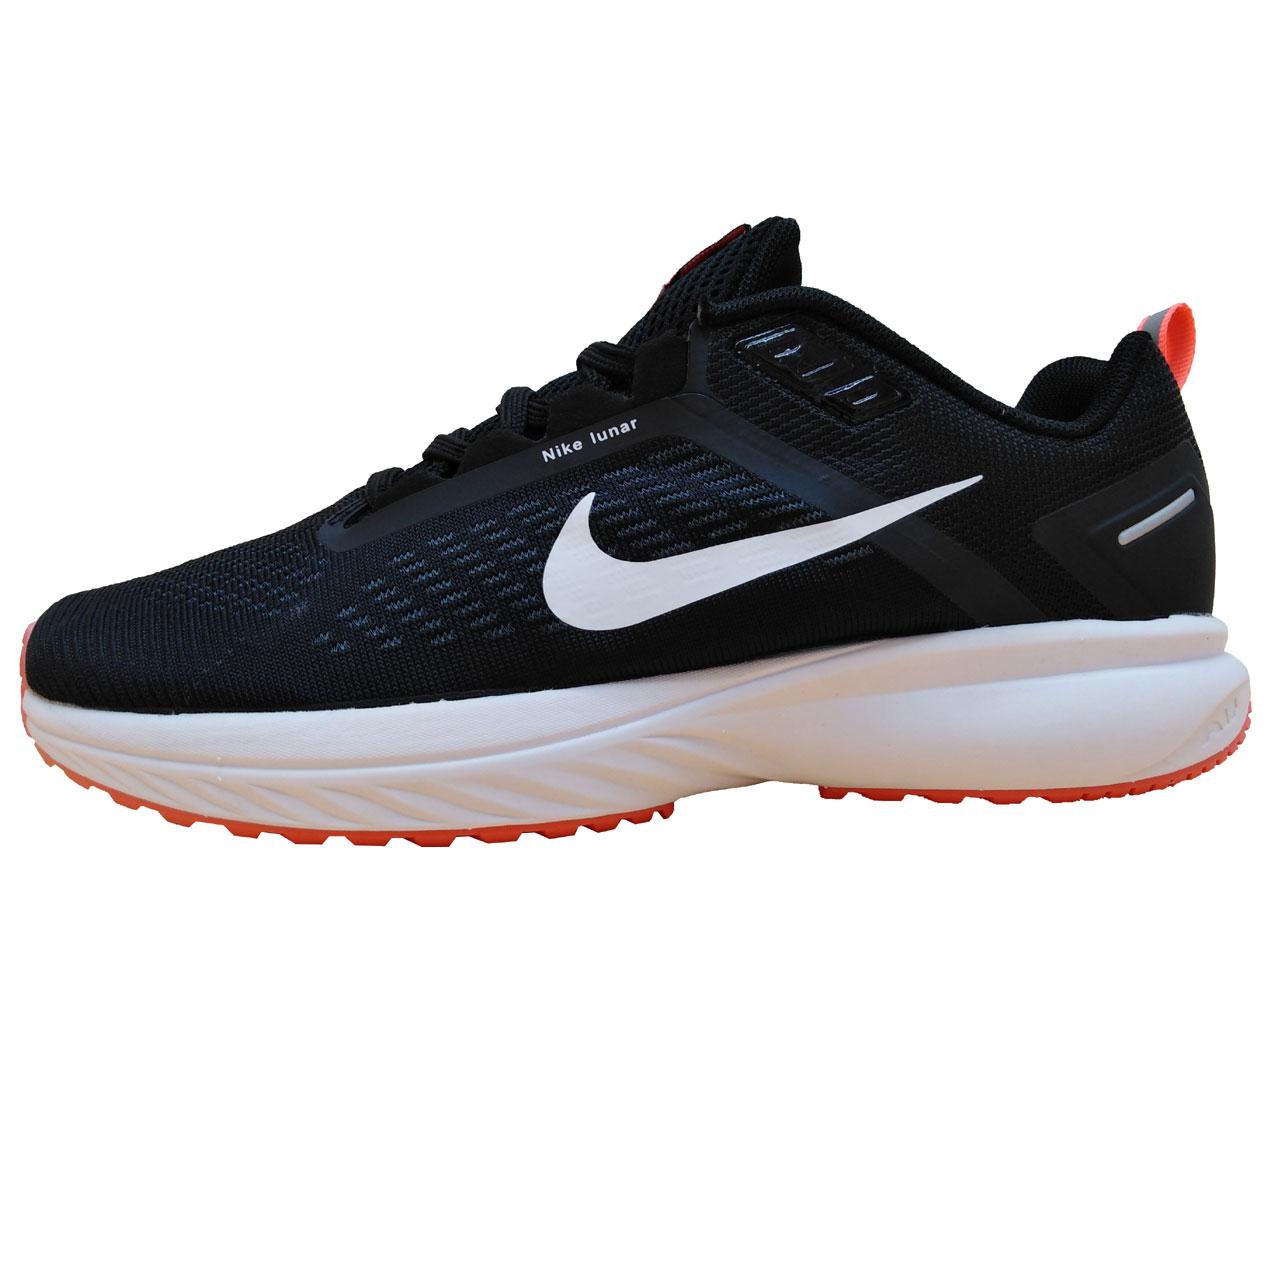 کفش مخصوص دویدن مردانه نایکی مدل Luner A14B12